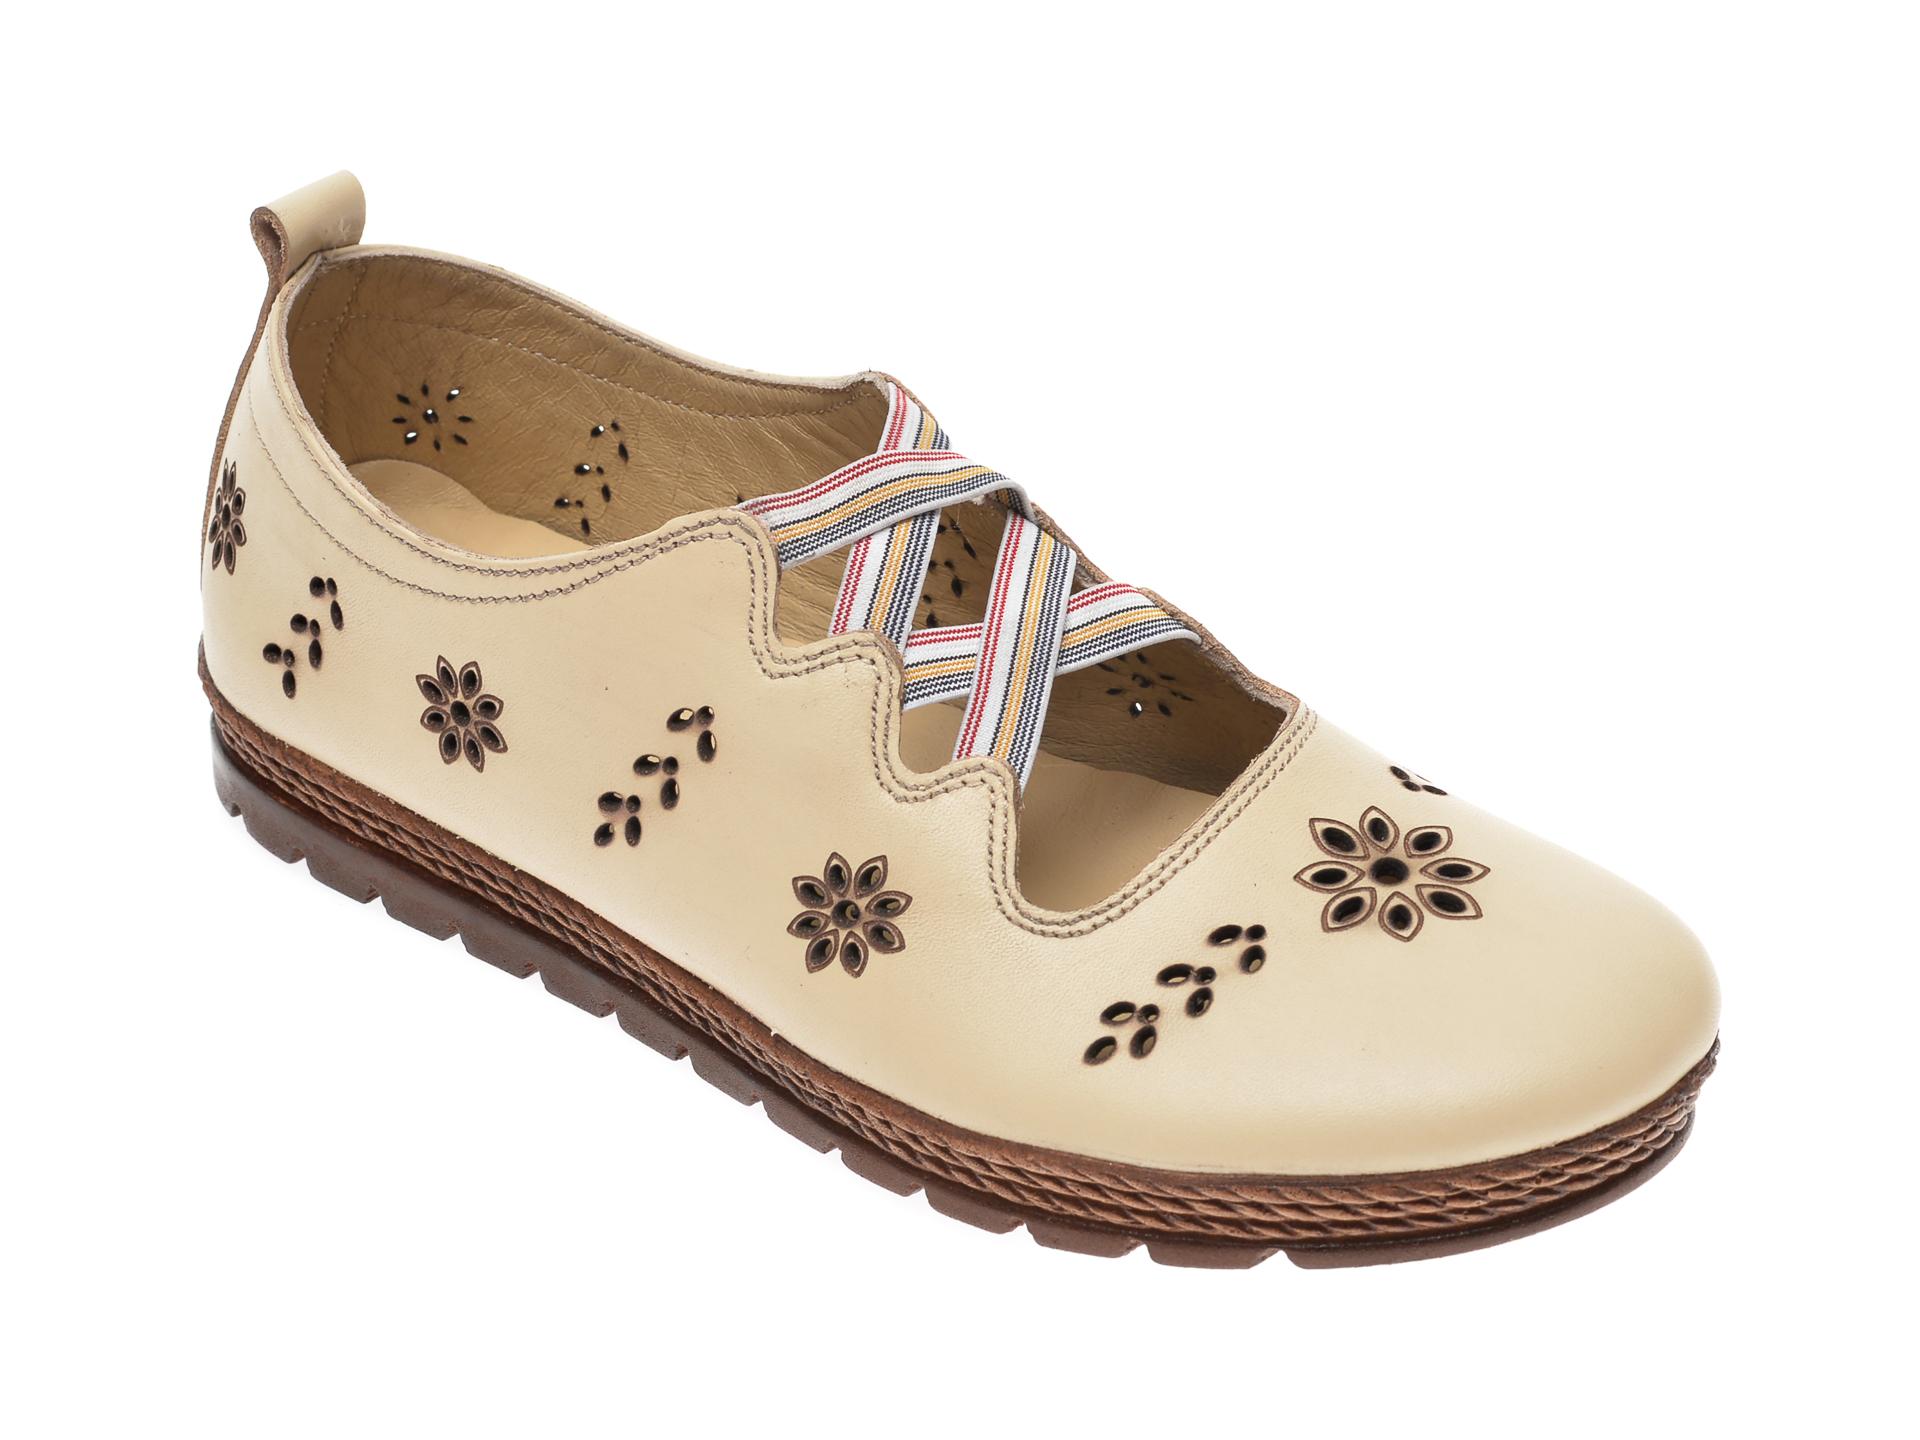 Pantofi PASS COLLECTION bej, K92104, din piele naturala imagine